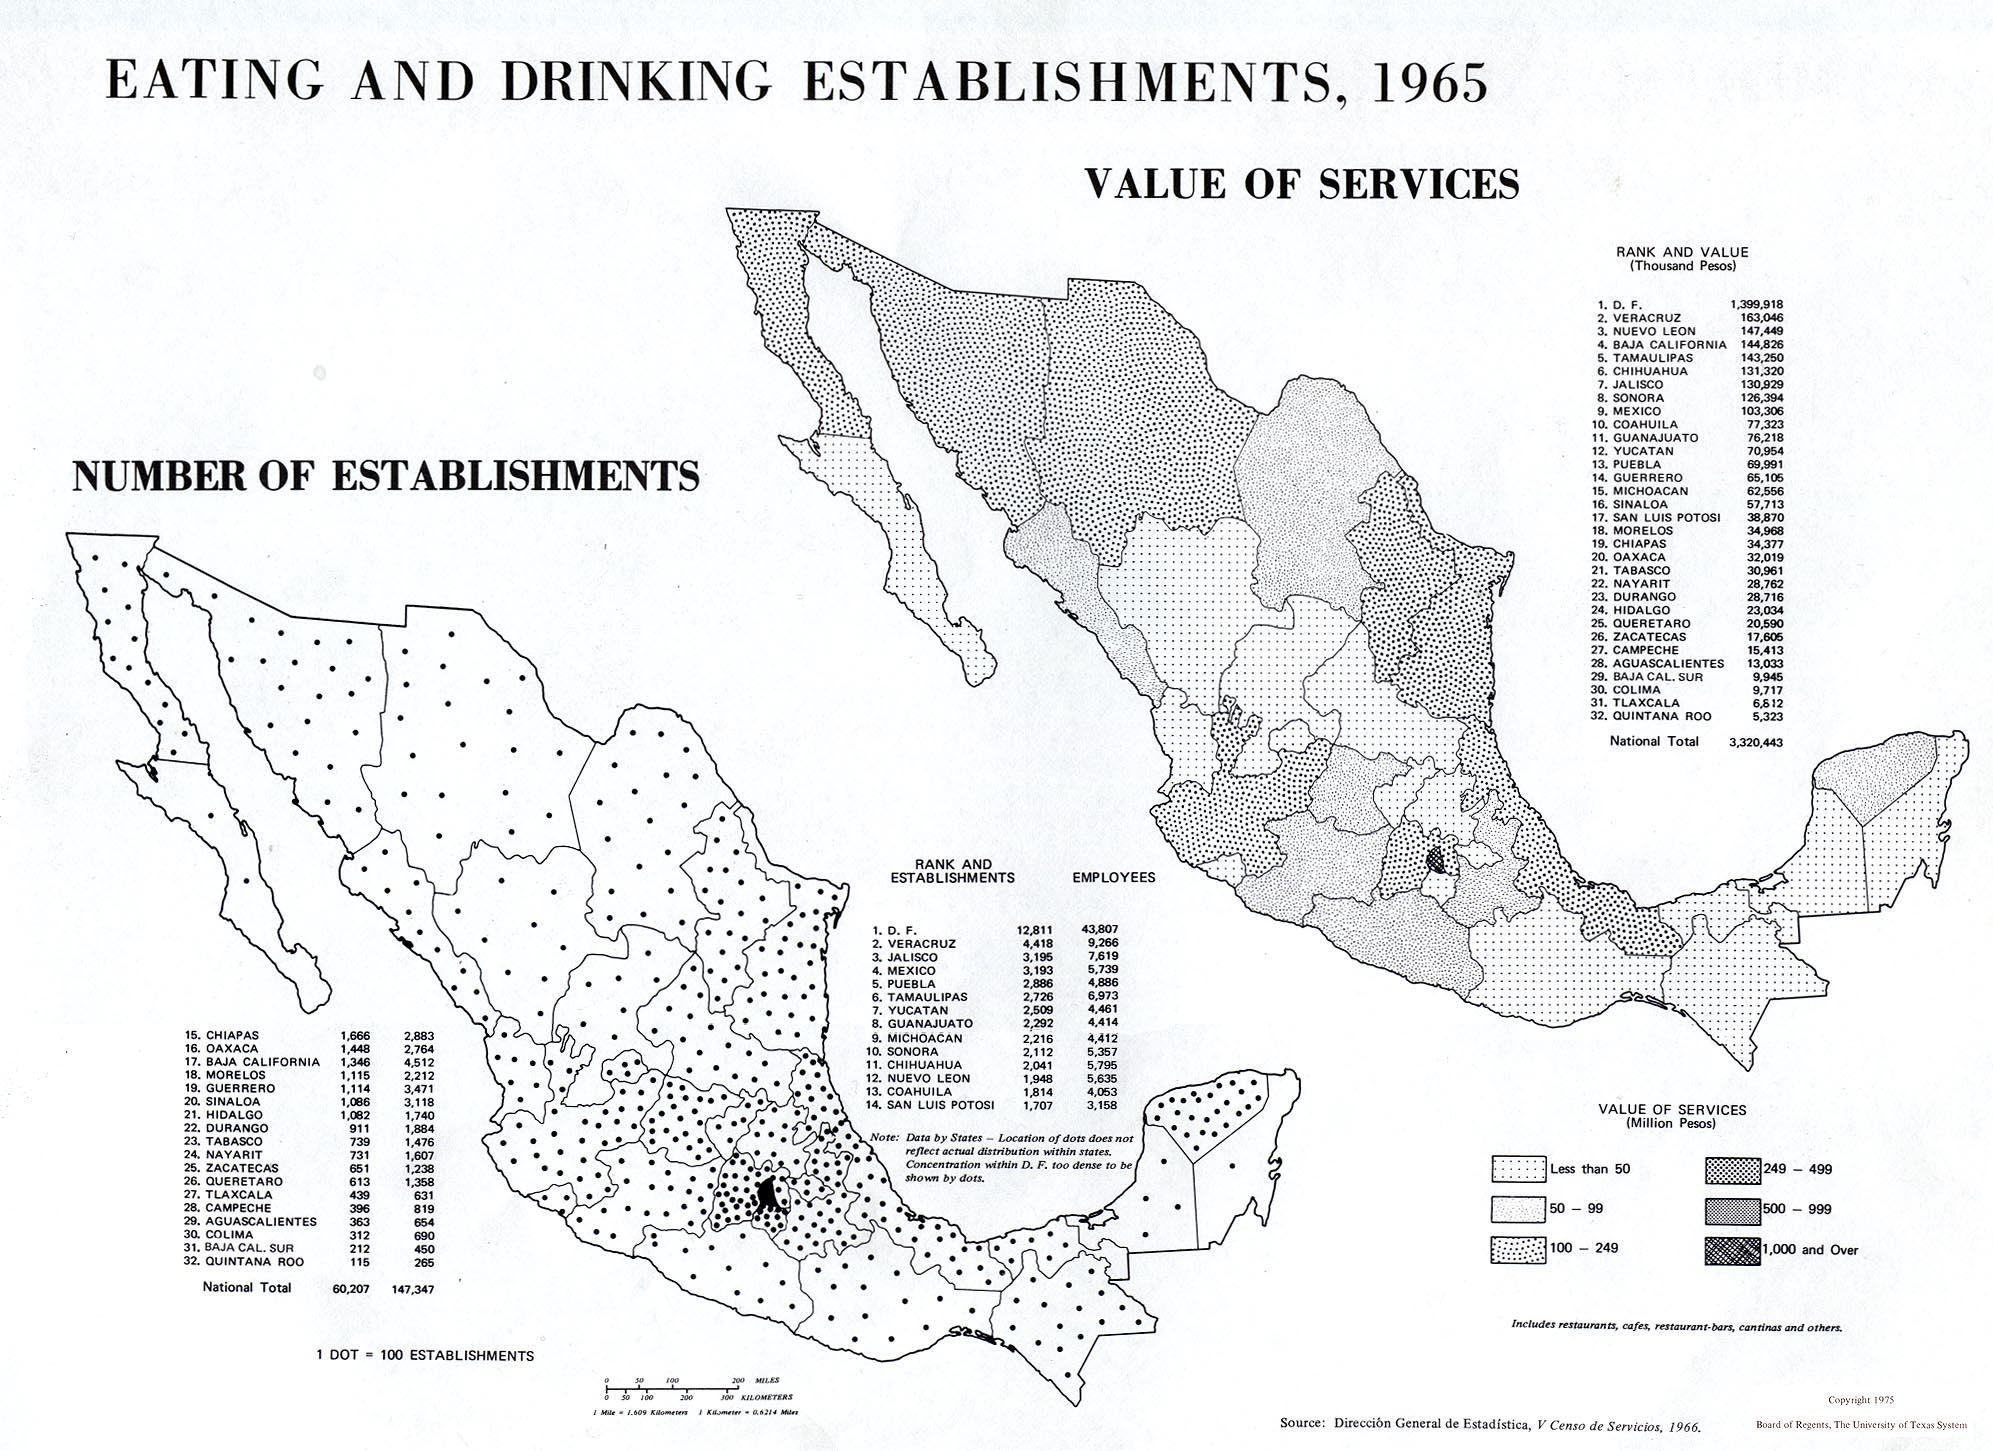 Mapa de Establecimientos de alimentos y bebidas en México 1965